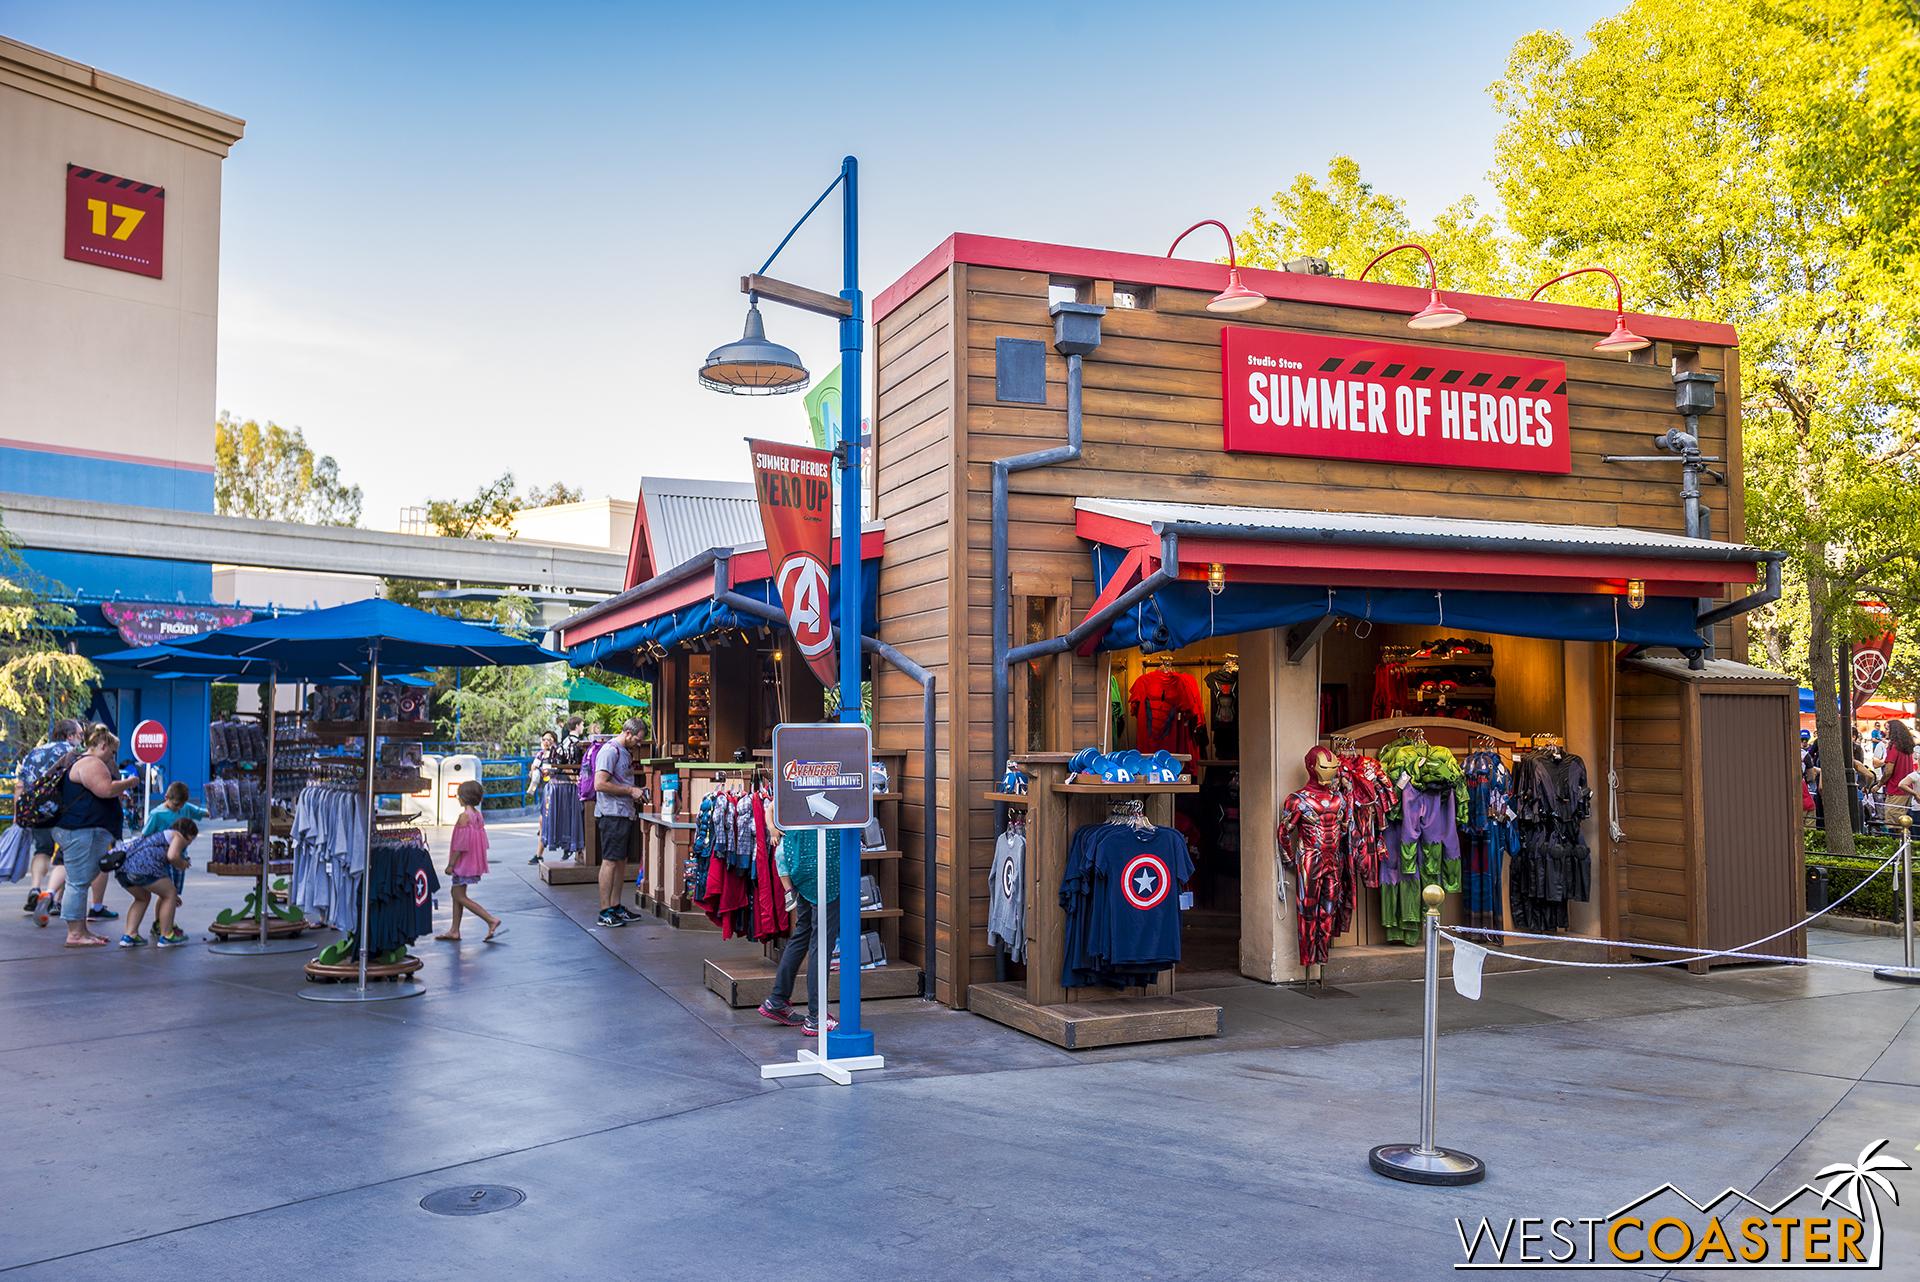 The Frozen souvenir shop is now a Marvel souvenir shop.